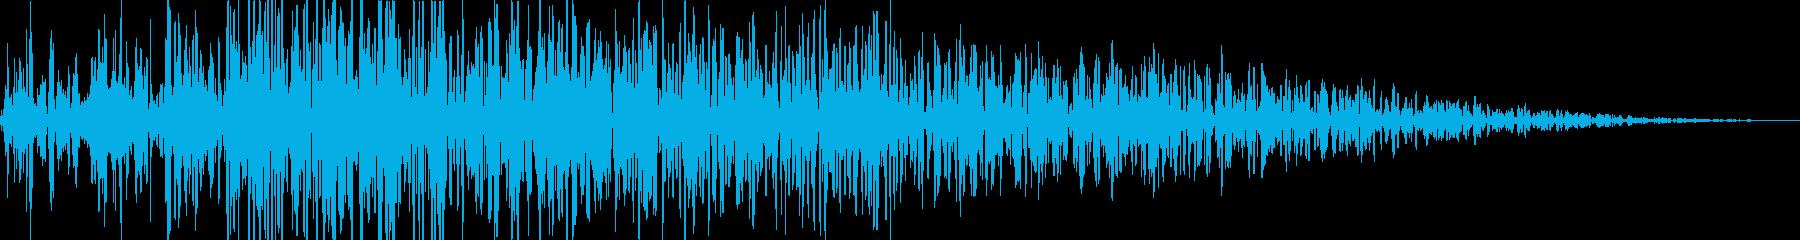 ボー(火炎放射)の再生済みの波形